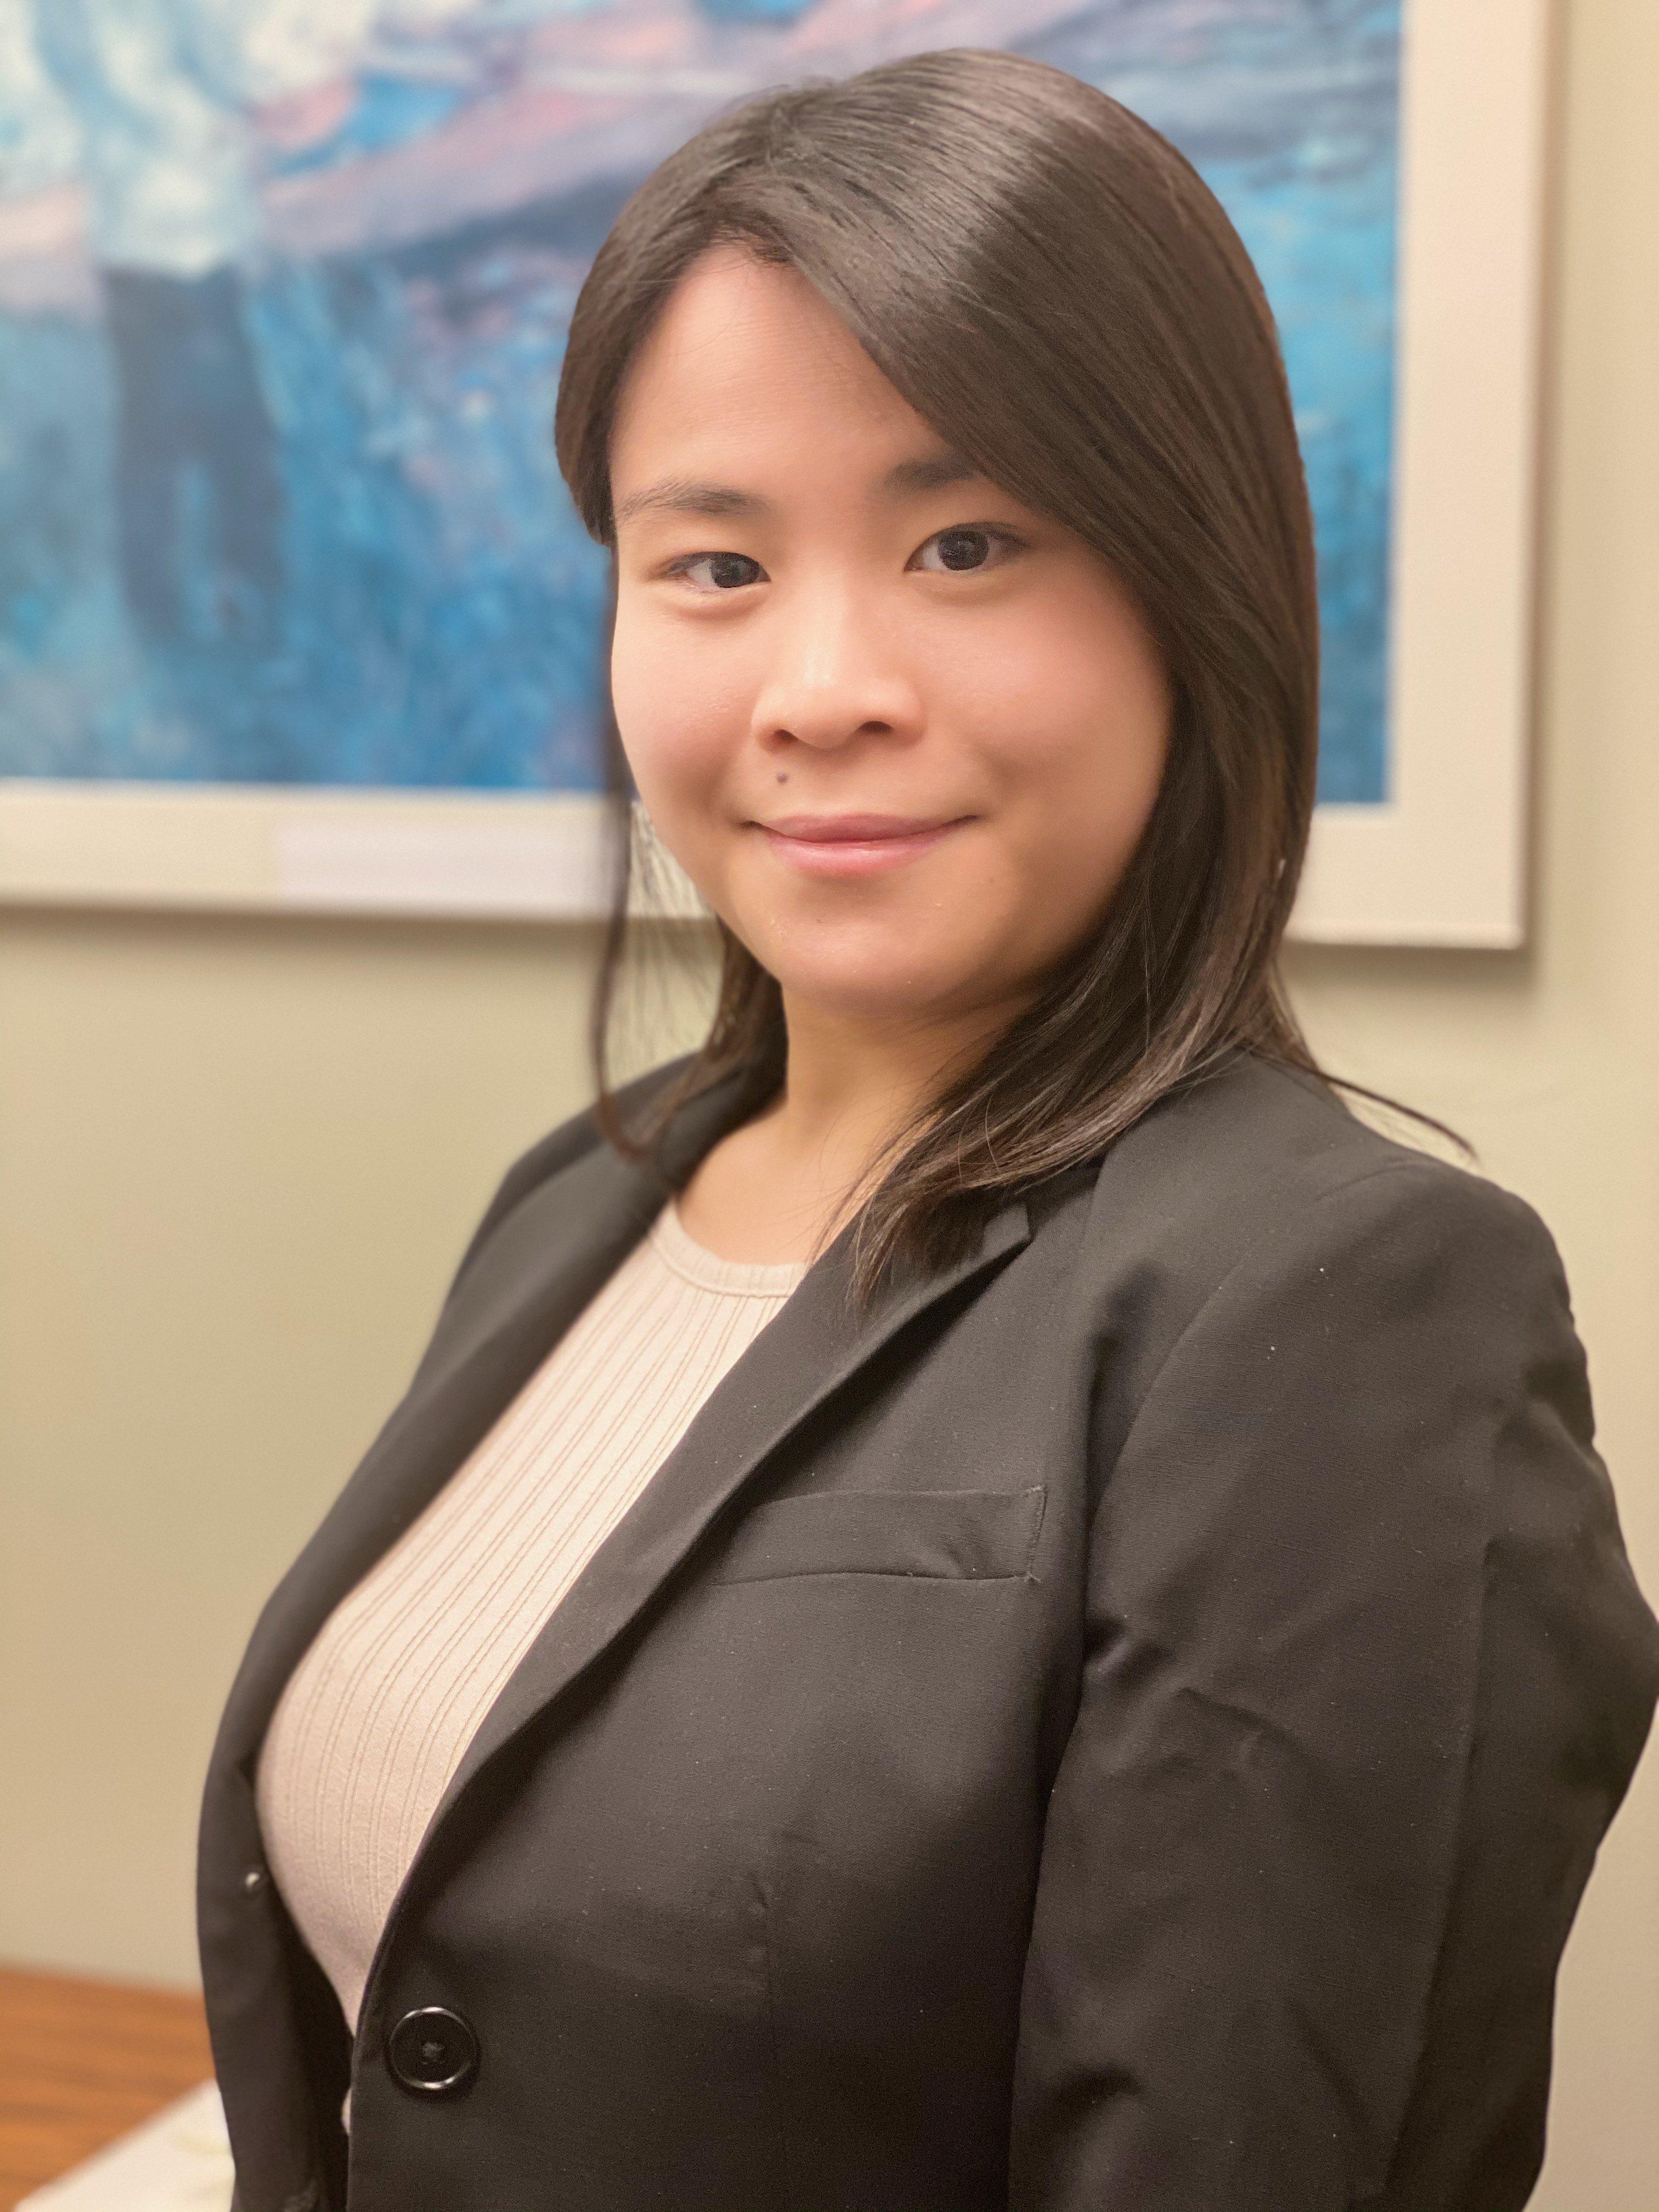 Clara Cheung